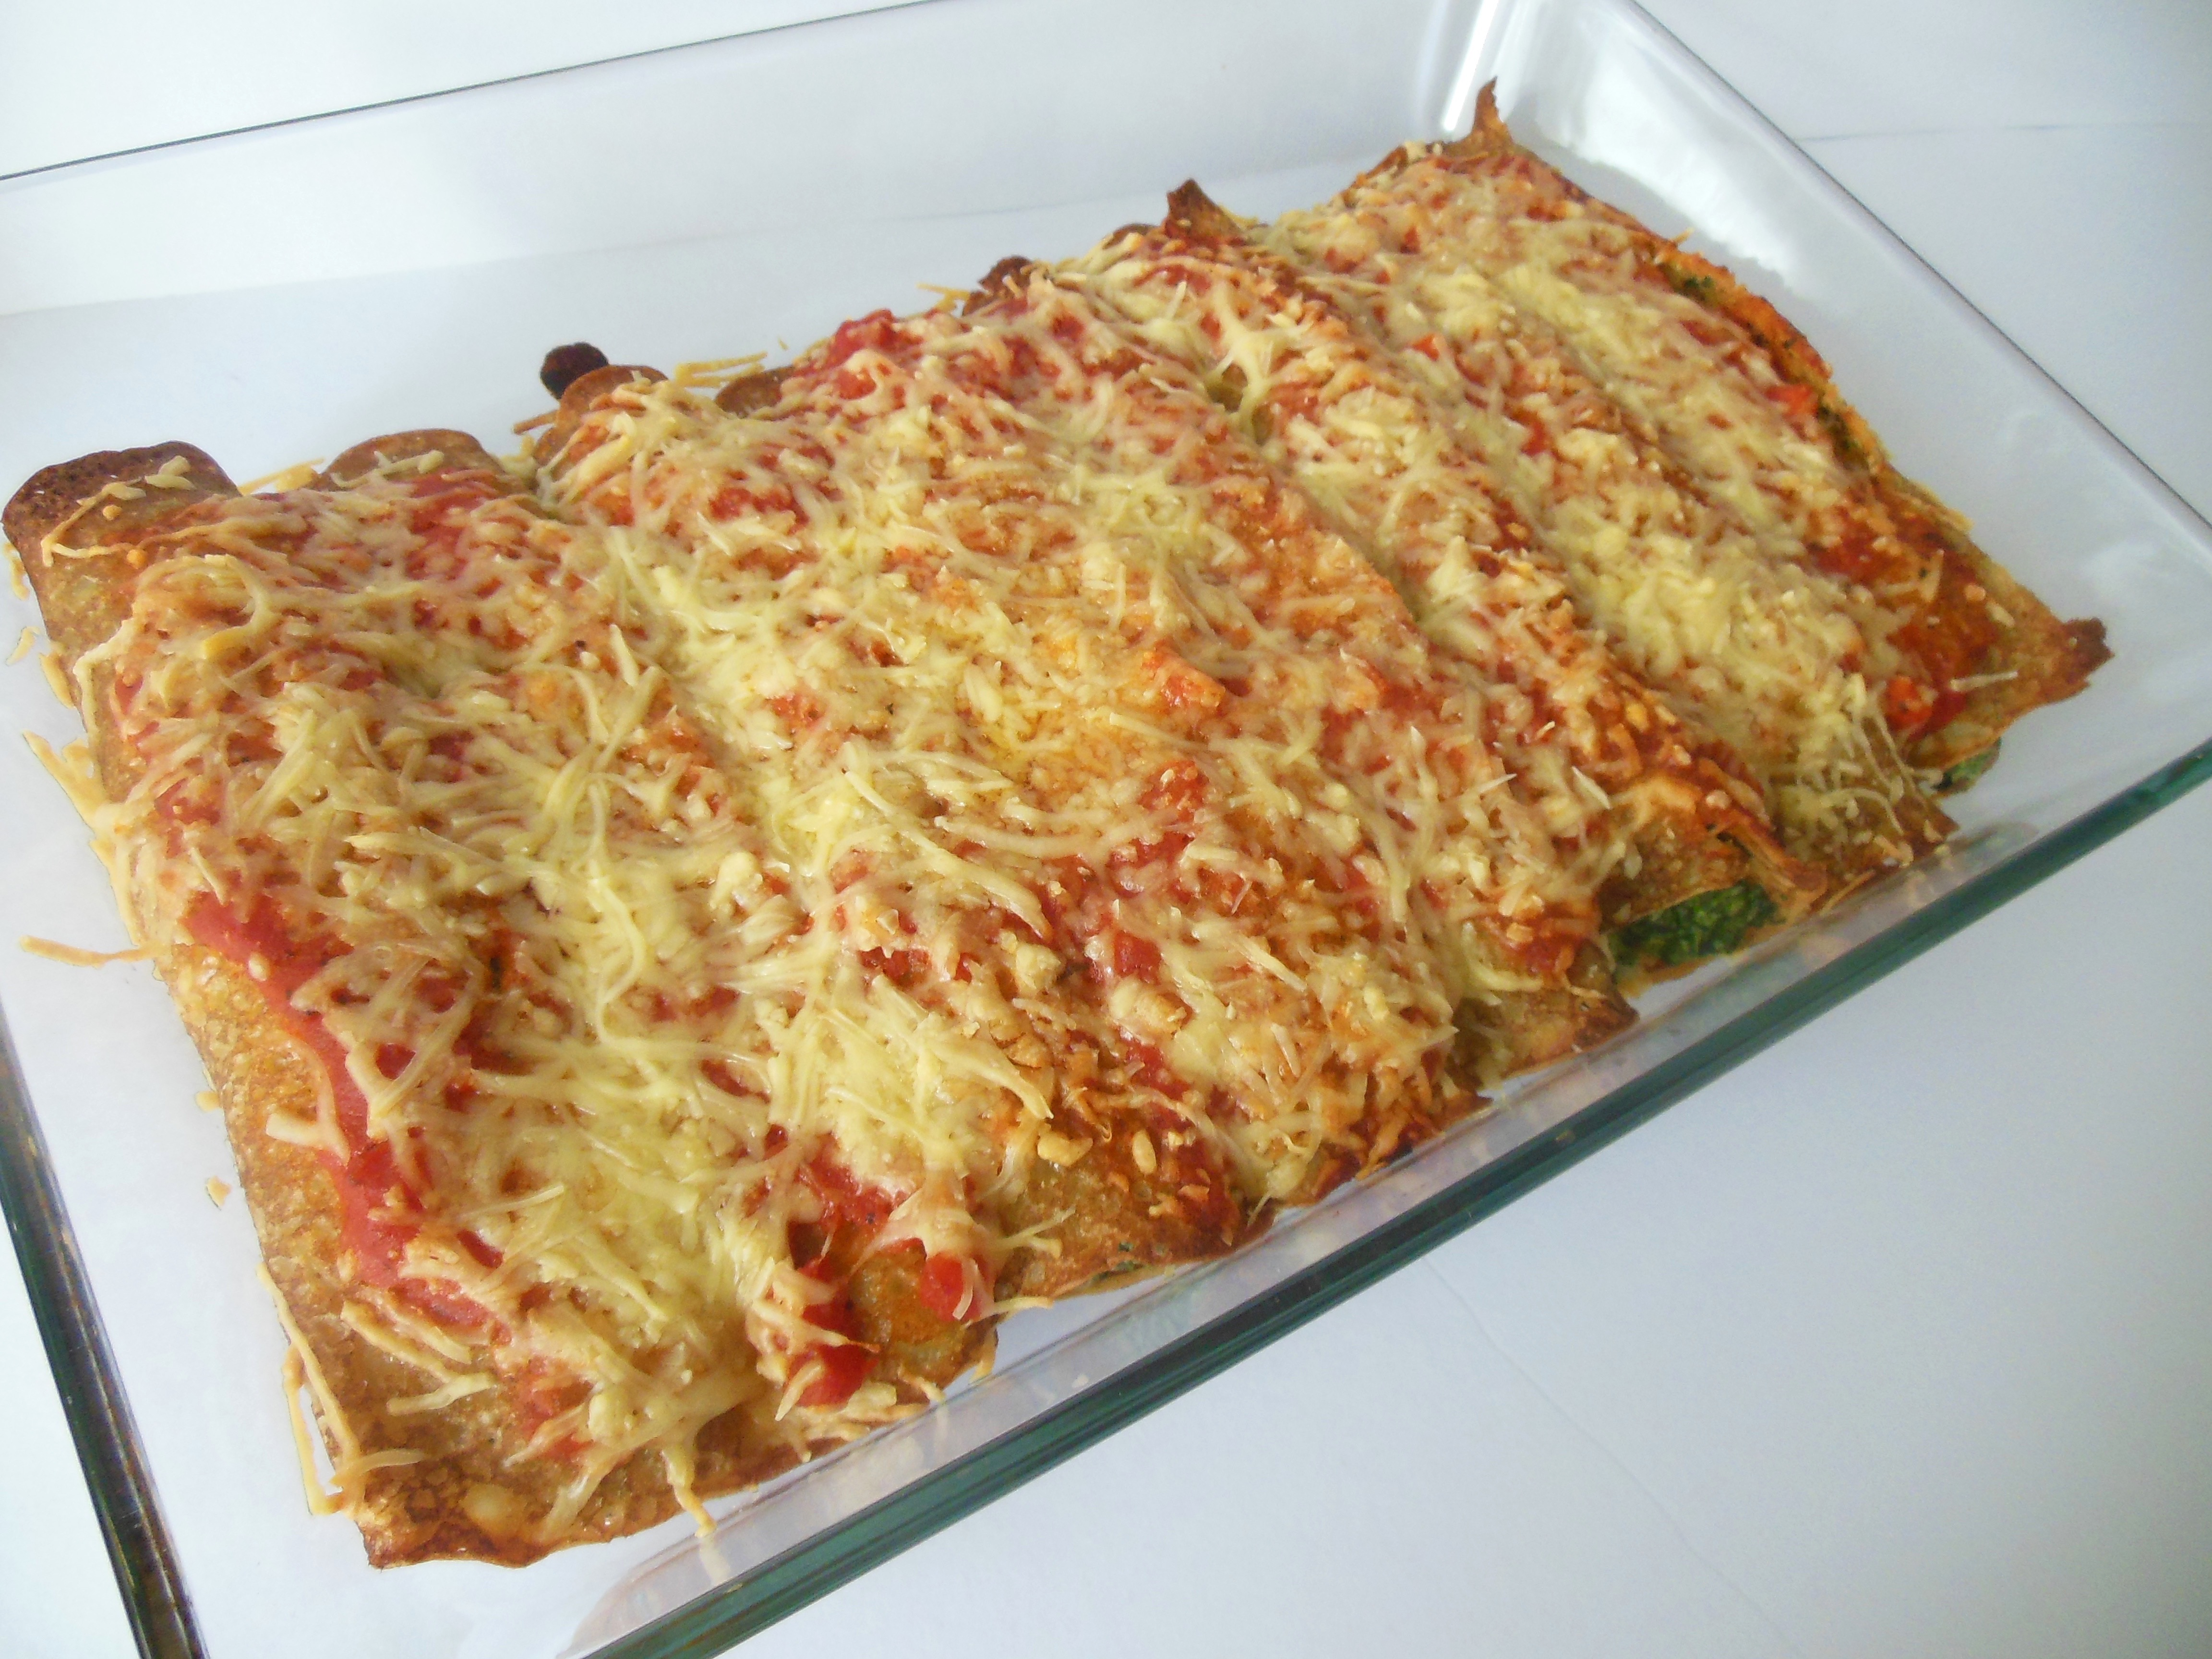 Uitzonderlijk Gevulde hartige pannenkoeken uit de oven @DY71